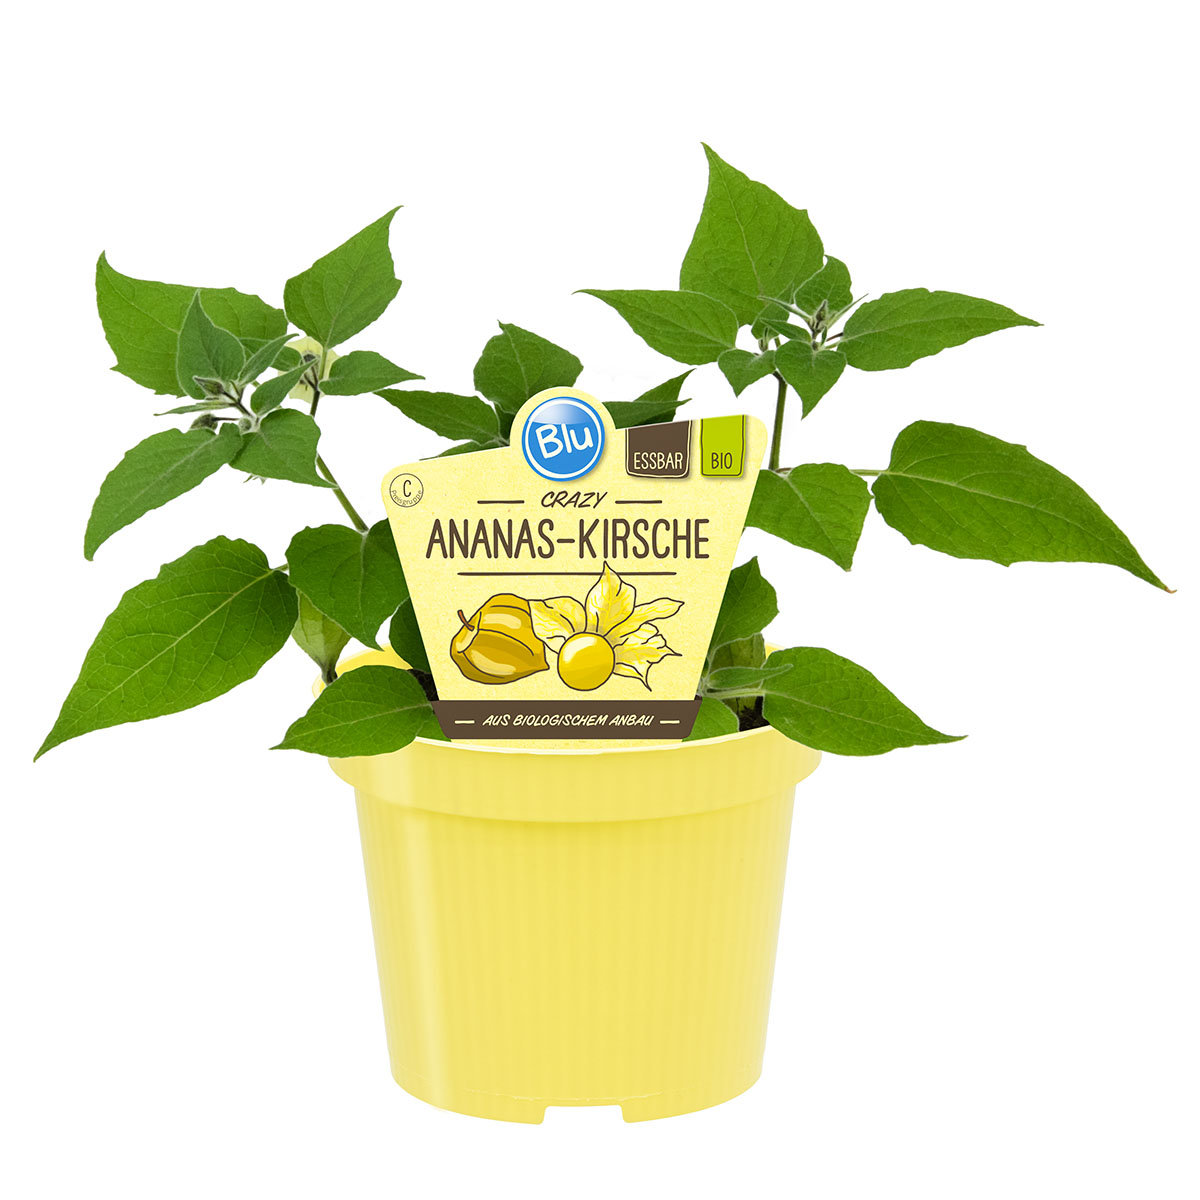 Andenbeerenpflanze Ananas-Kirsche | #3